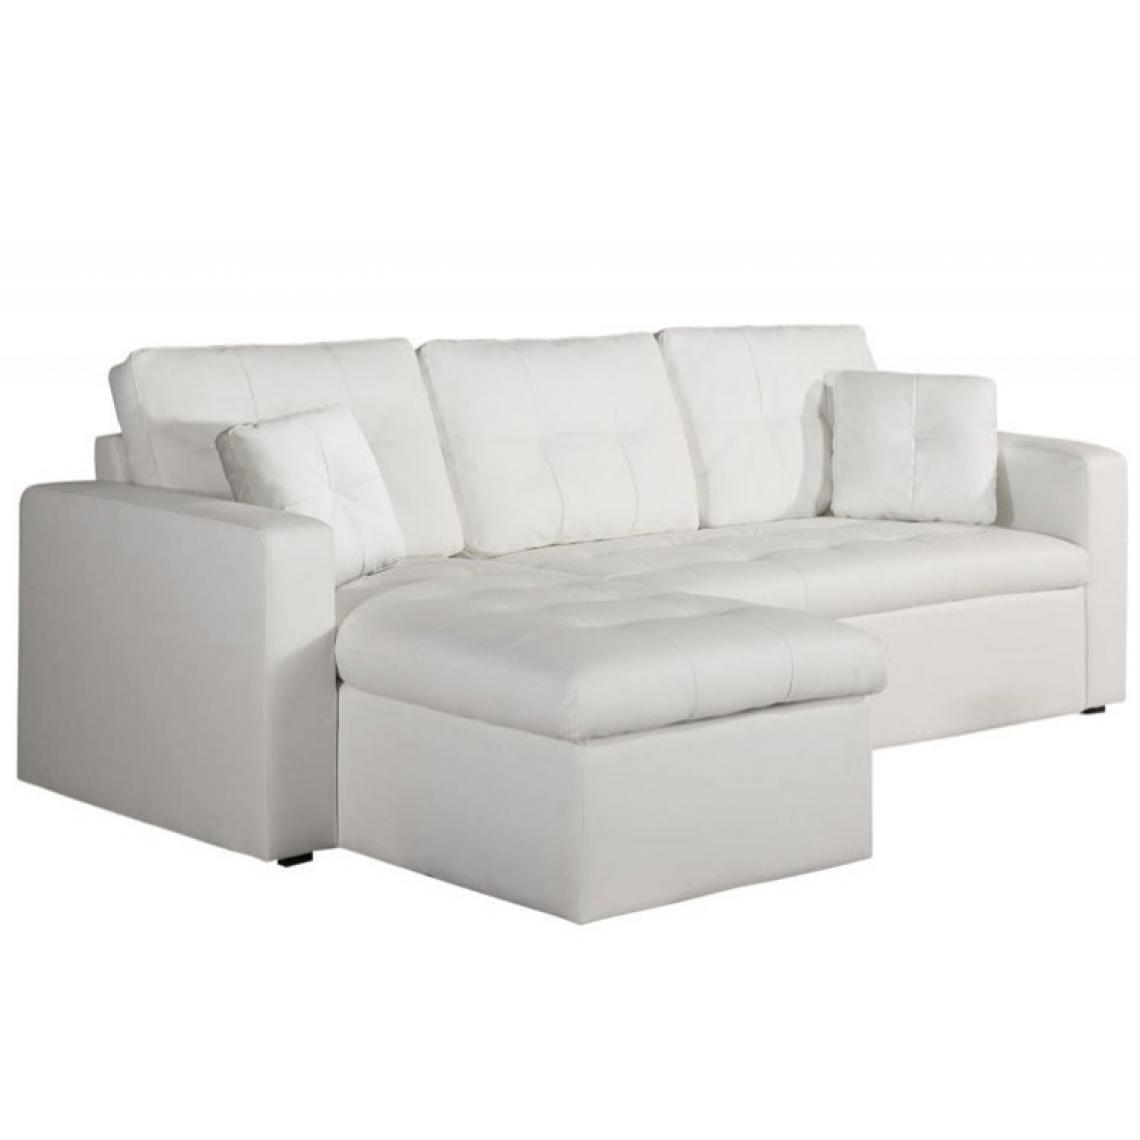 Canapé D'angle Modulable Et Convertible 3 Places Blanc Enzo 142X81X85 Plus  De Détails à Canape Convertible Cuir Blanc